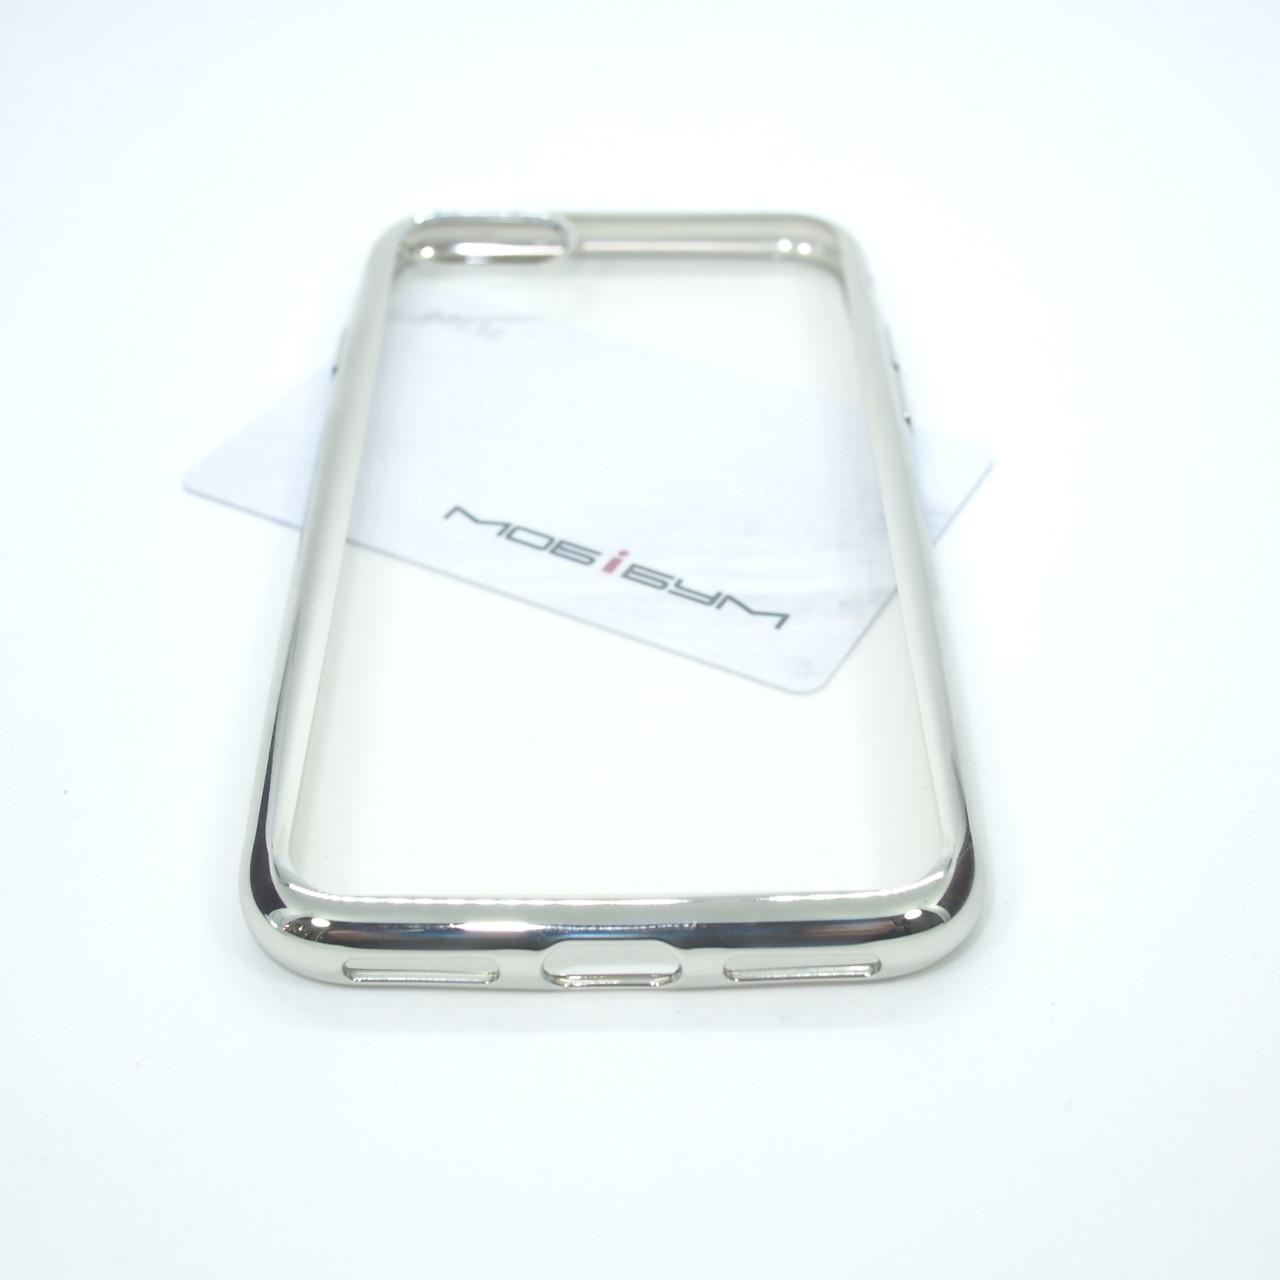 TPU bamper iPhone 7 silver Для телефона